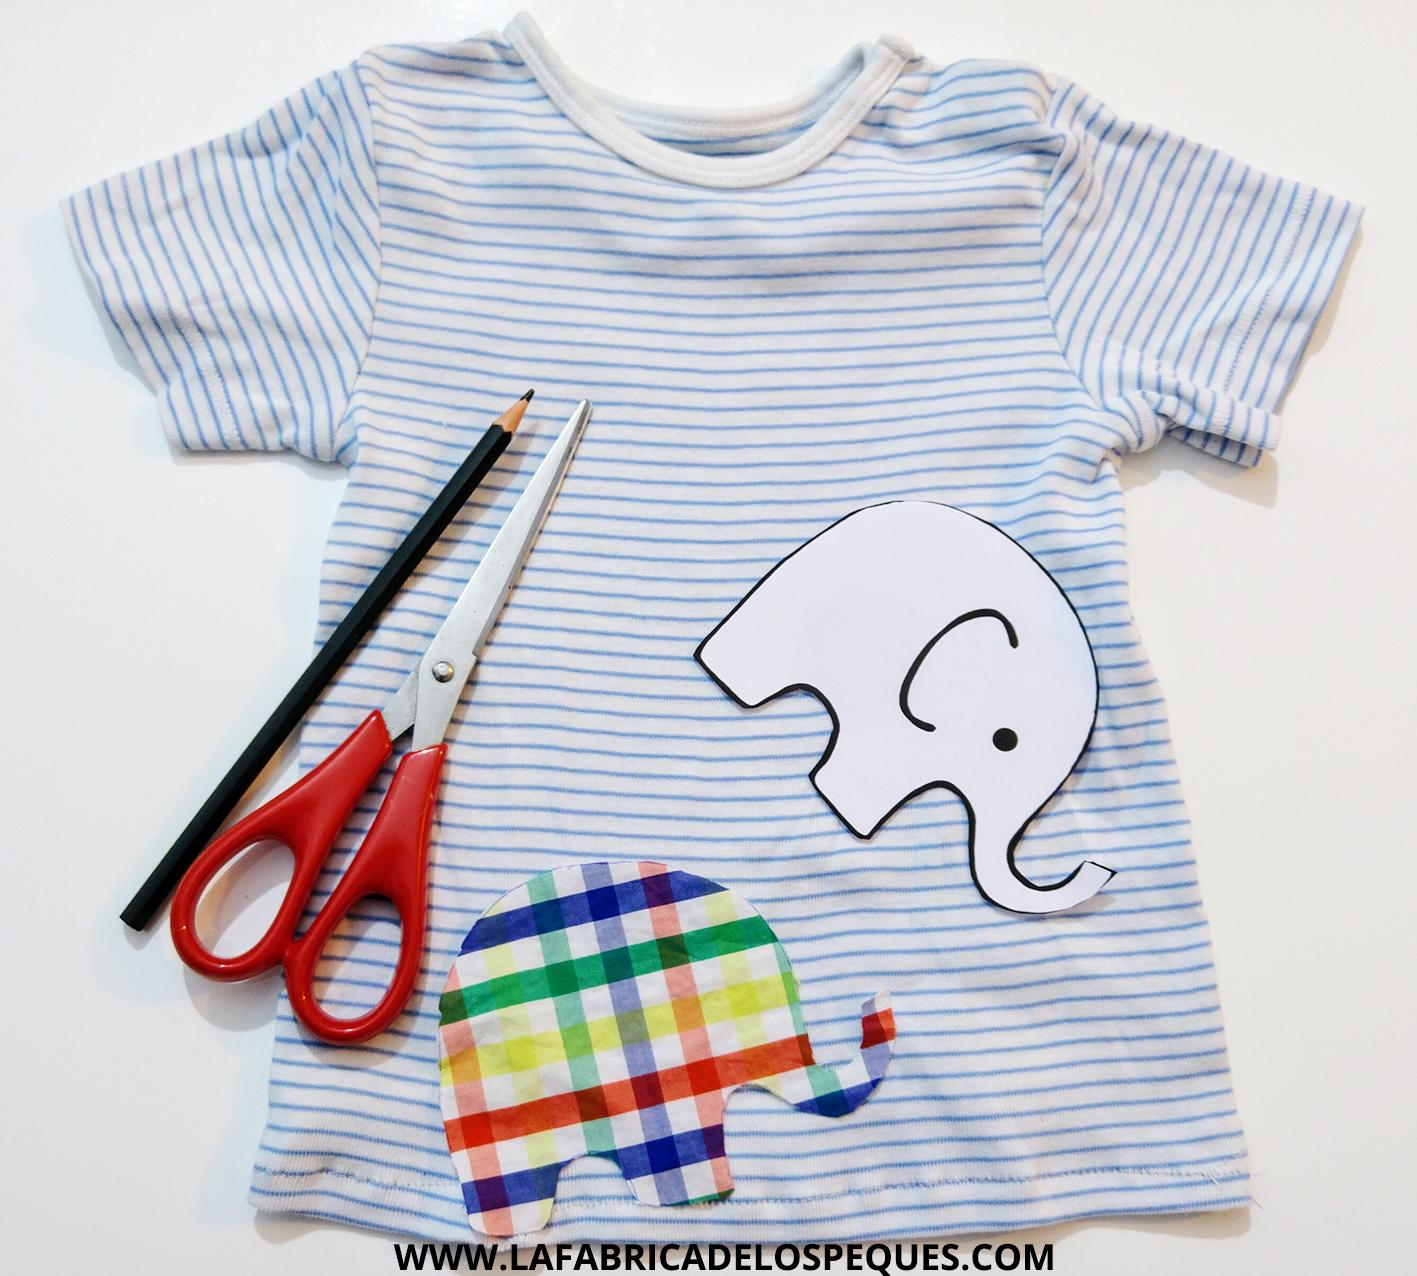 Ideas y manualidades para reciclar la ropa de beb la for Ideas para disenar ropa